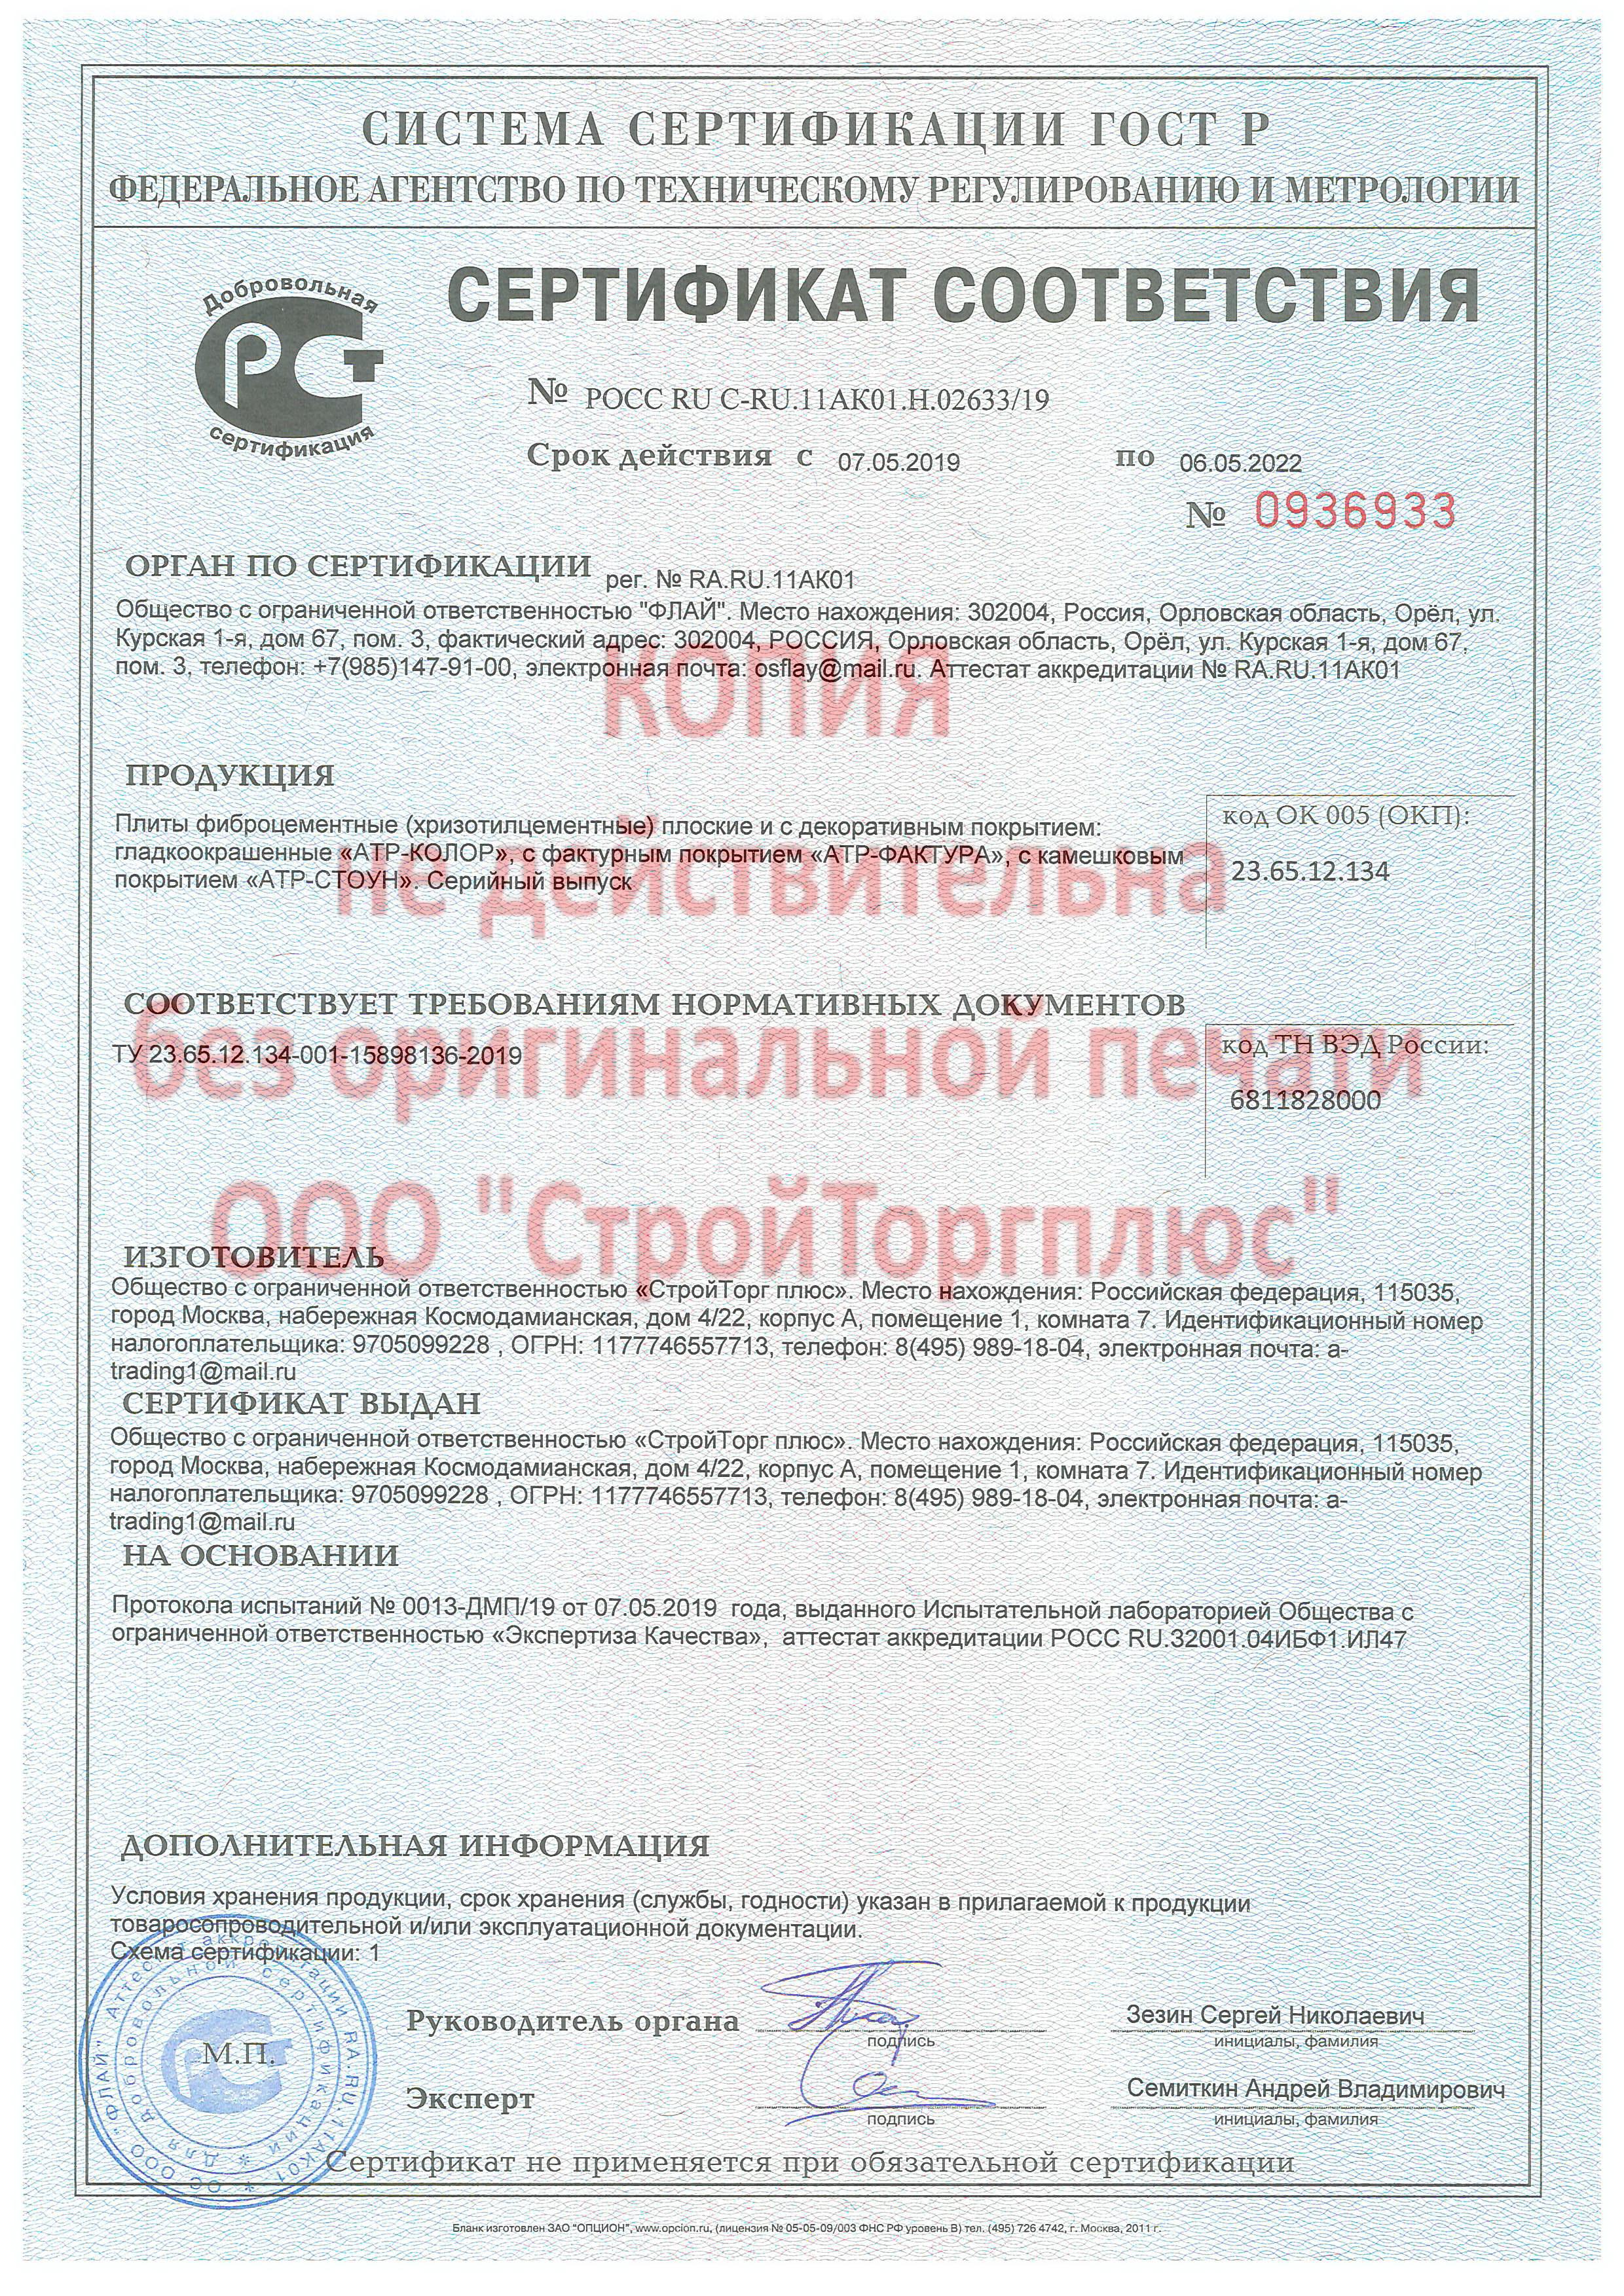 Сертификат соответствия на плиты фиброцементные окрашенные и с декоративным покрытием